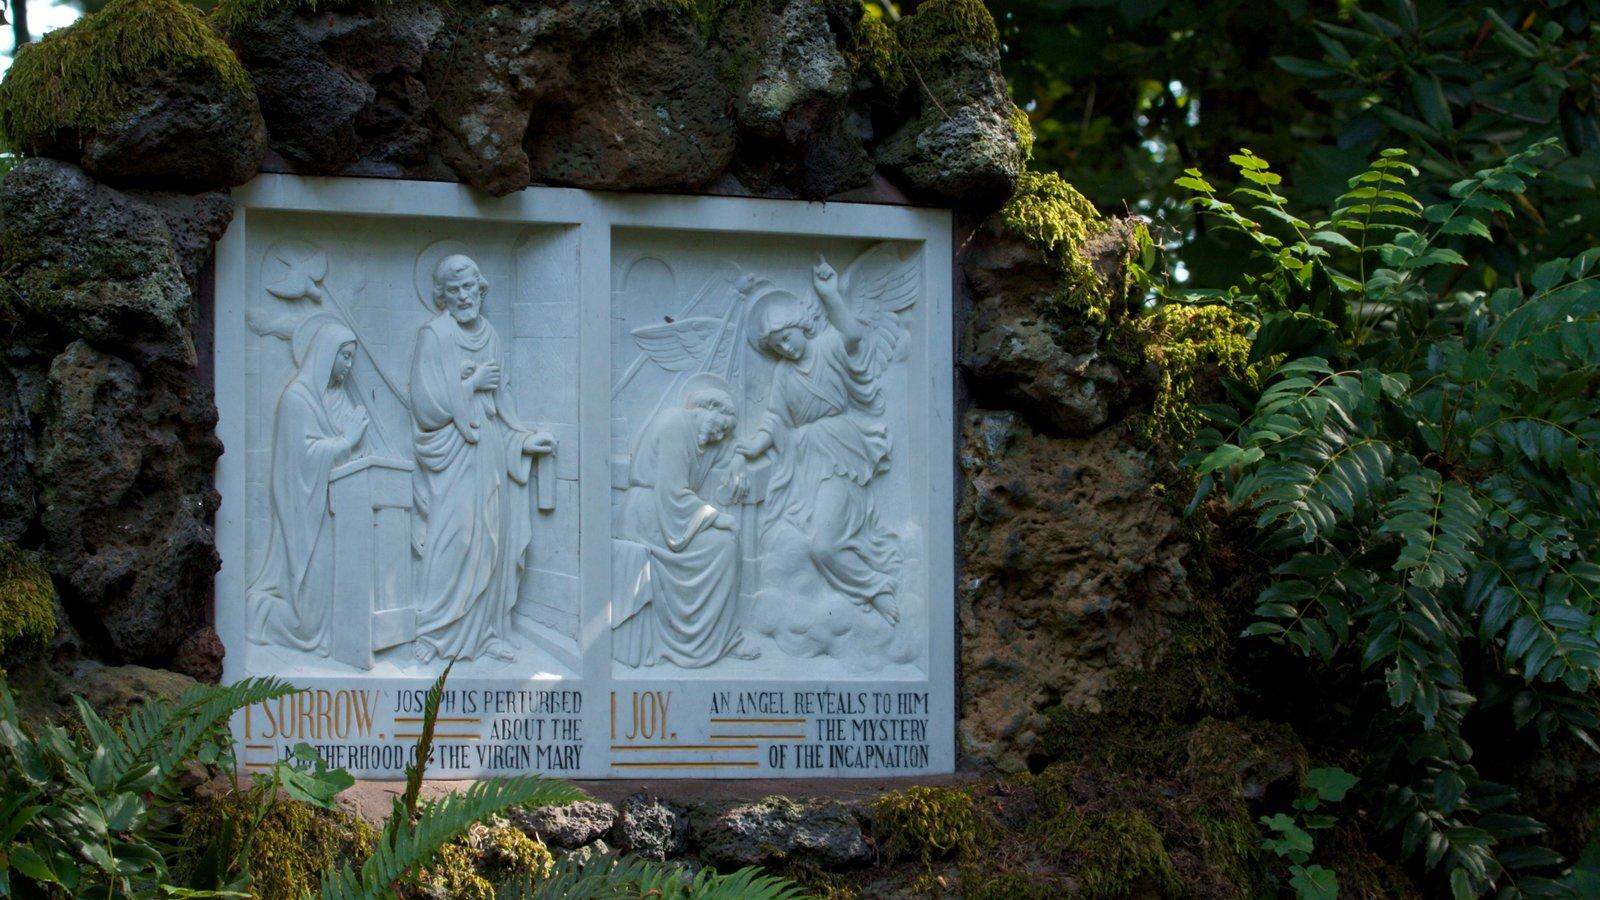 Grotto mostrando un monumento y arte al aire libre